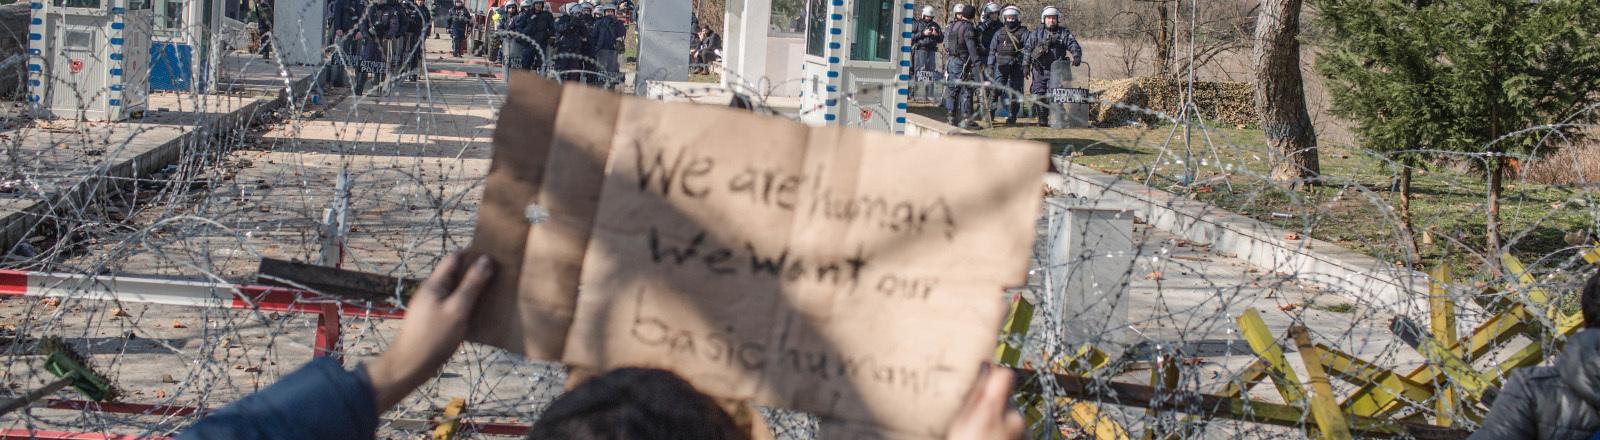 """Türkei, Pazarkule: Migranten stehen am bereits geschlossenen türkisch-griechischen Grenzübergang und halten ein Pappschild mit der Aufschrift """"We are human we want our basic humanity""""."""